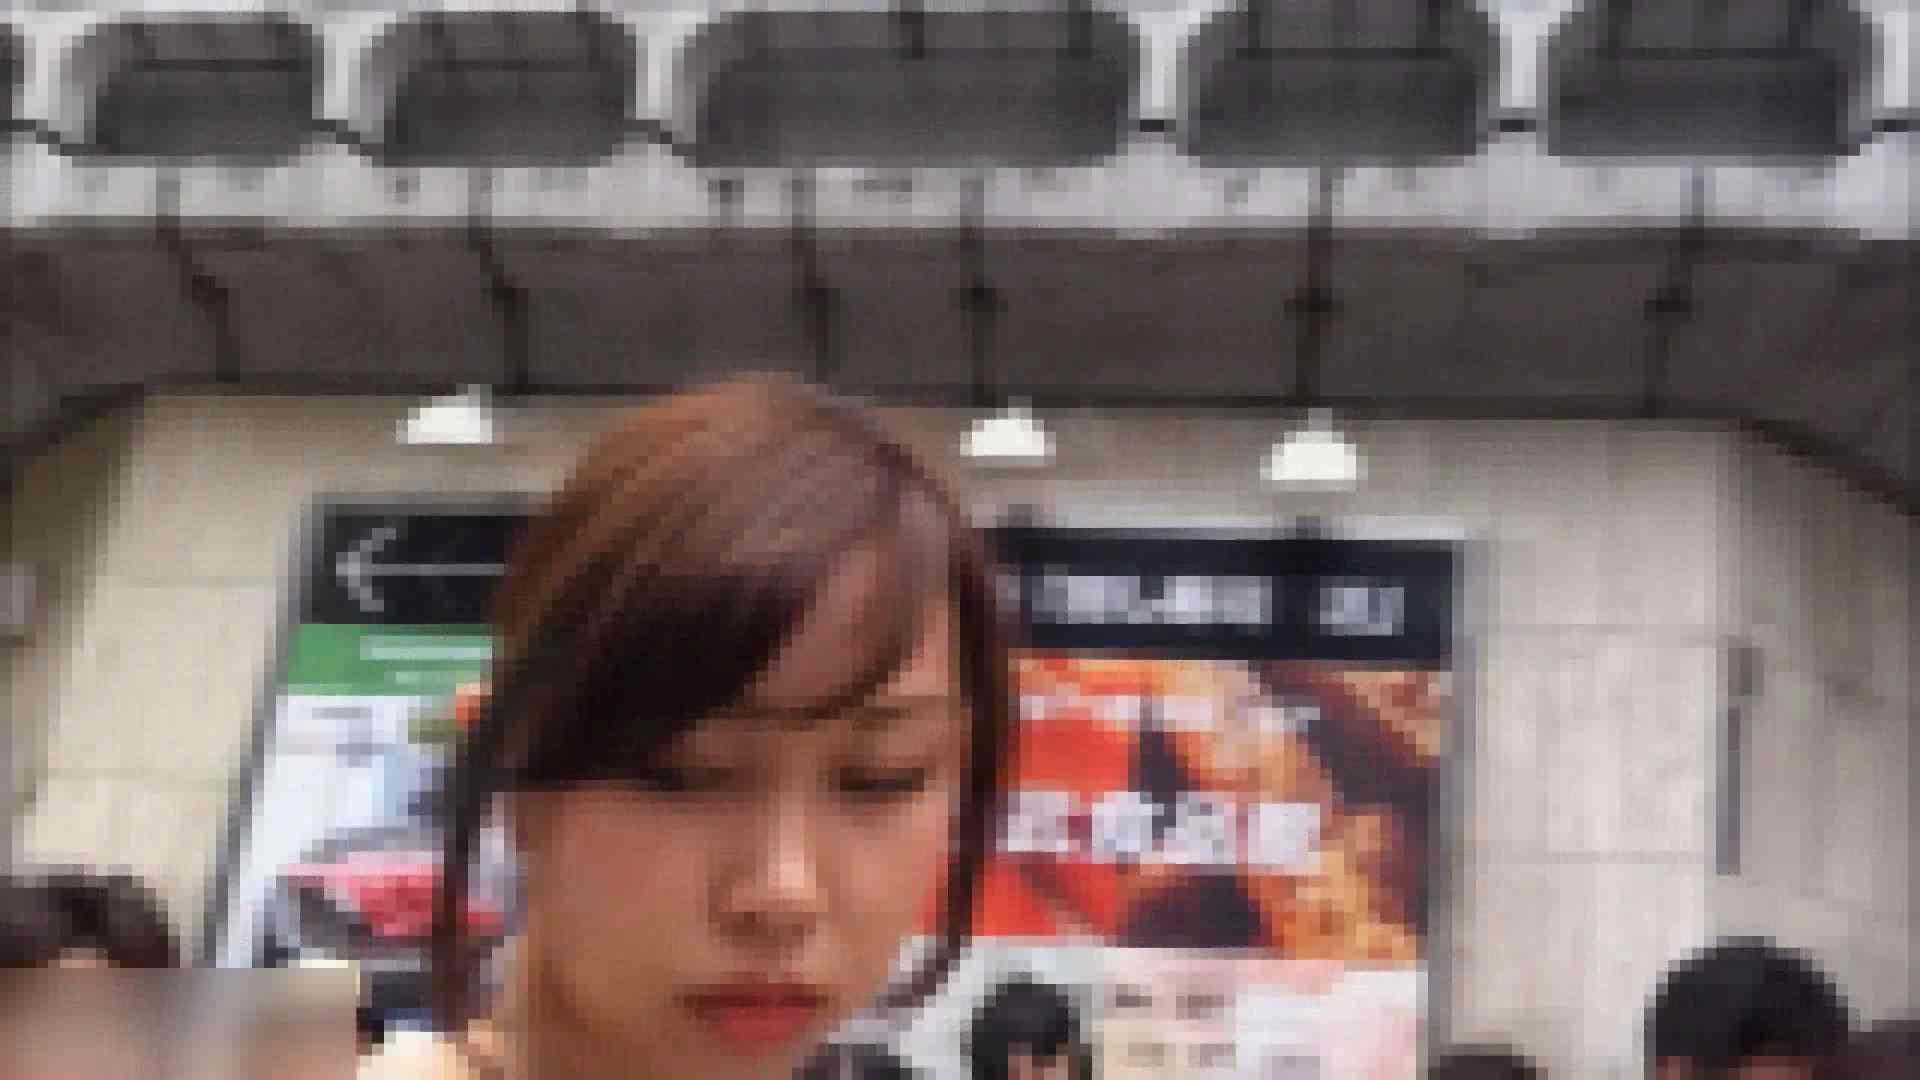 ガールズパンチラストリートビューVol.002 ギャルのエロ動画 エロ画像 70画像 43